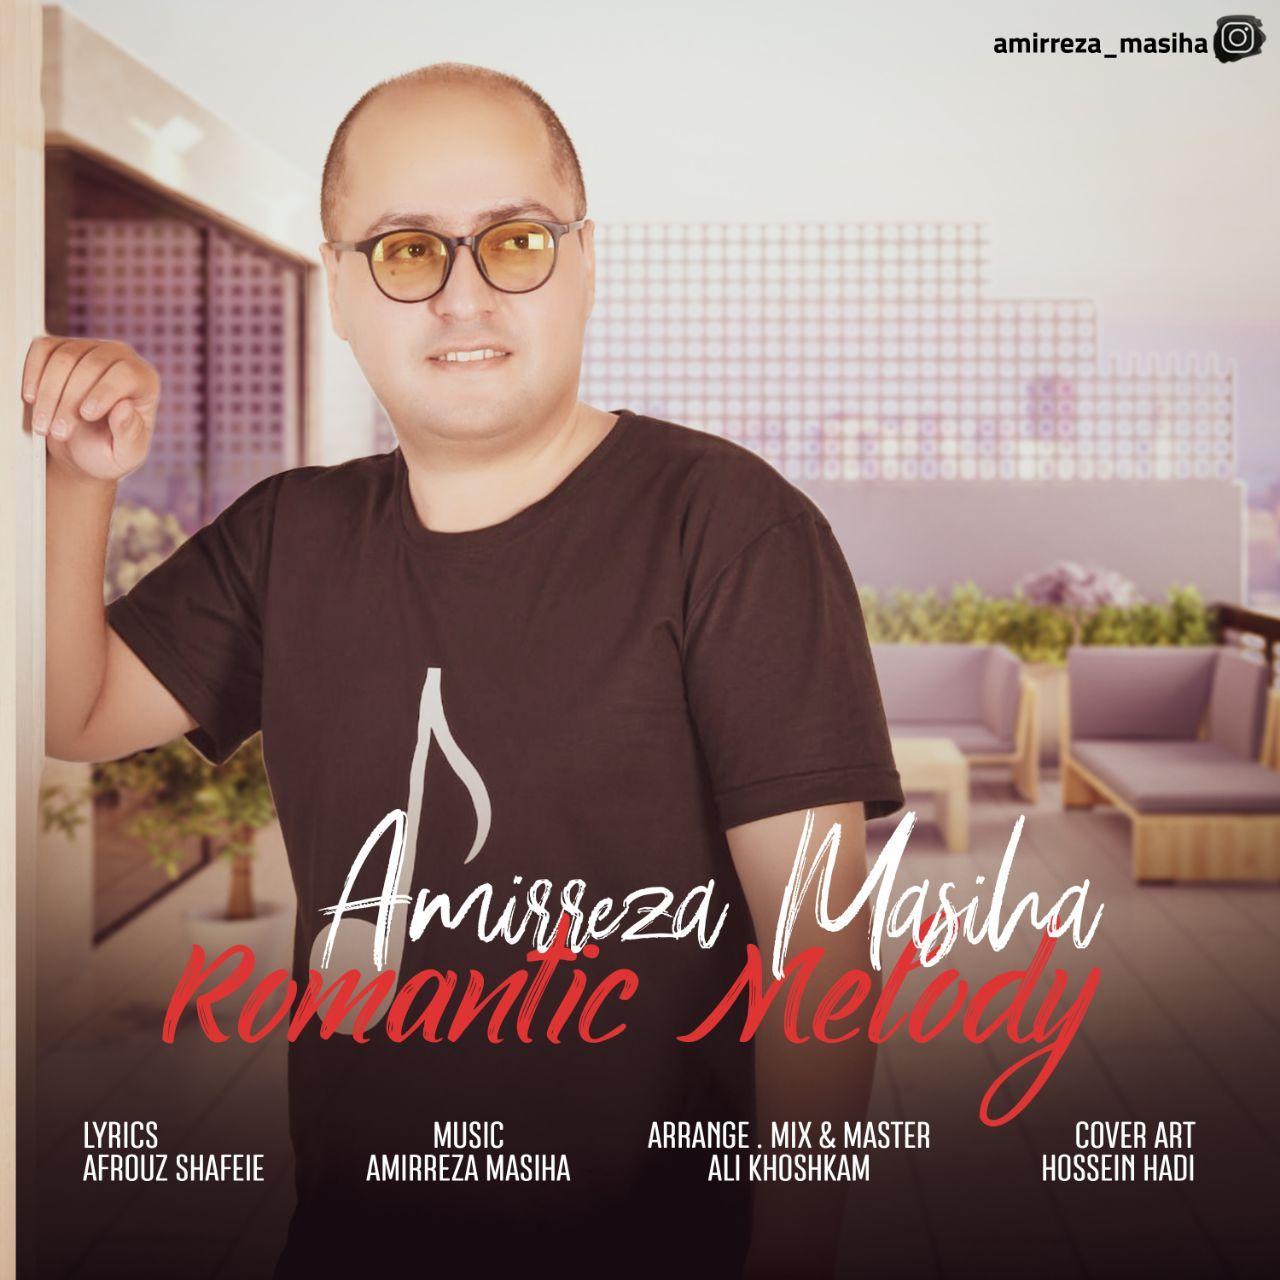 Amirreza Masiha – Romantic Melody